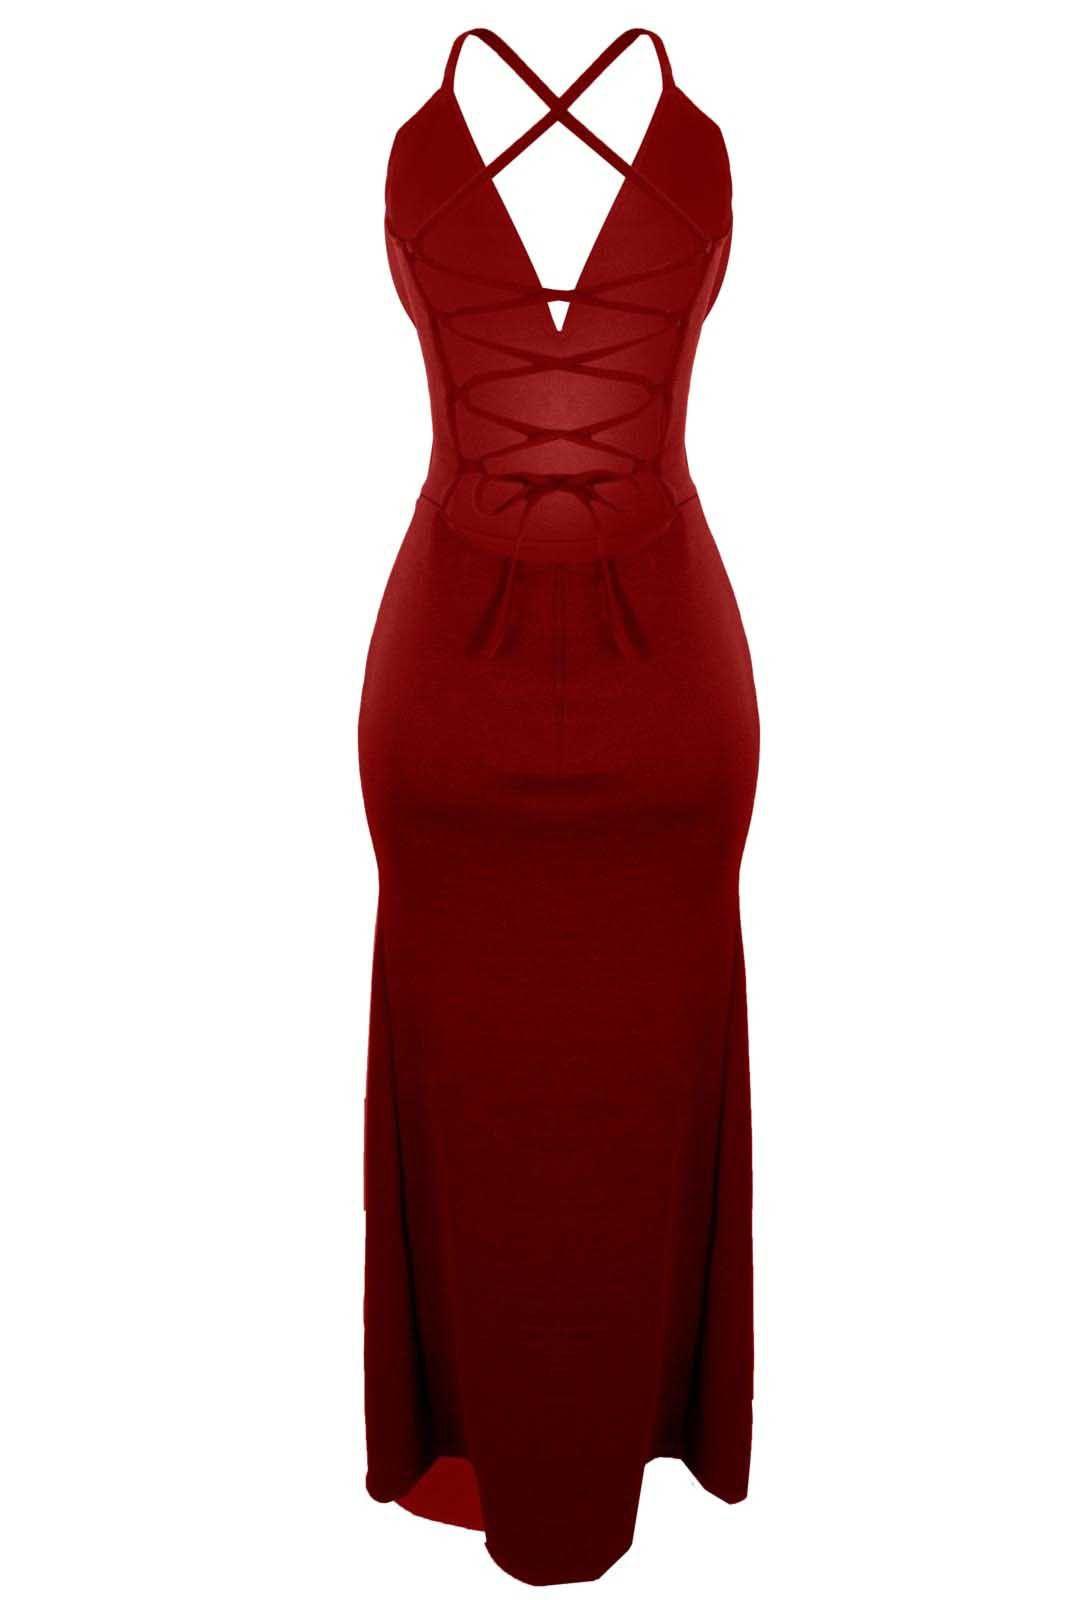 Vestido Outlet Dri Alcinha Longo Sereia Fenda Lateral Decote V Recorte Costas Vermelho